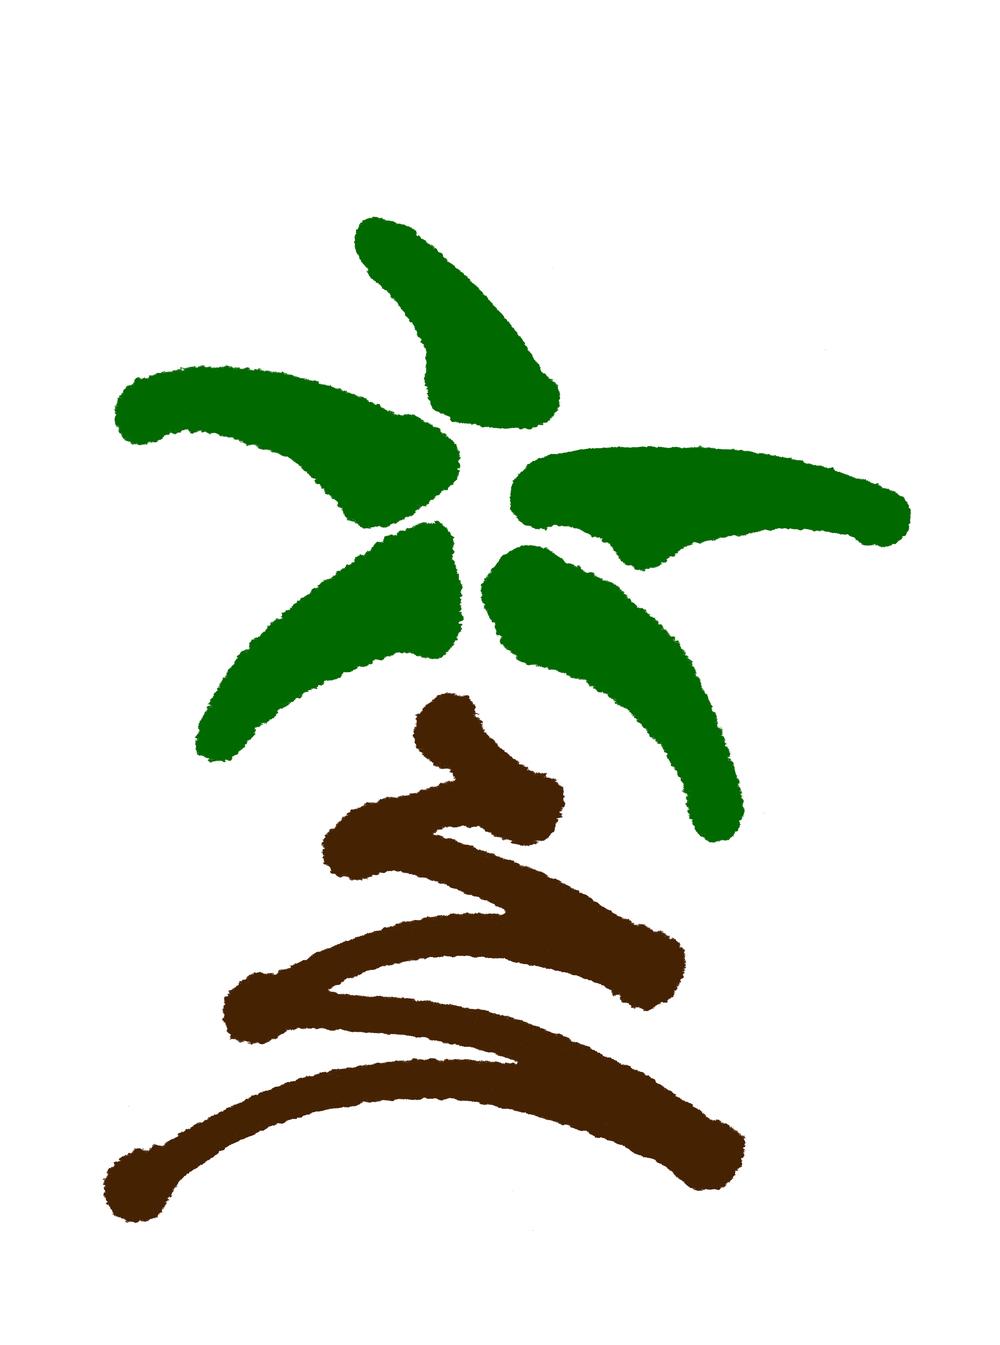 sago palm no chop W bg.png